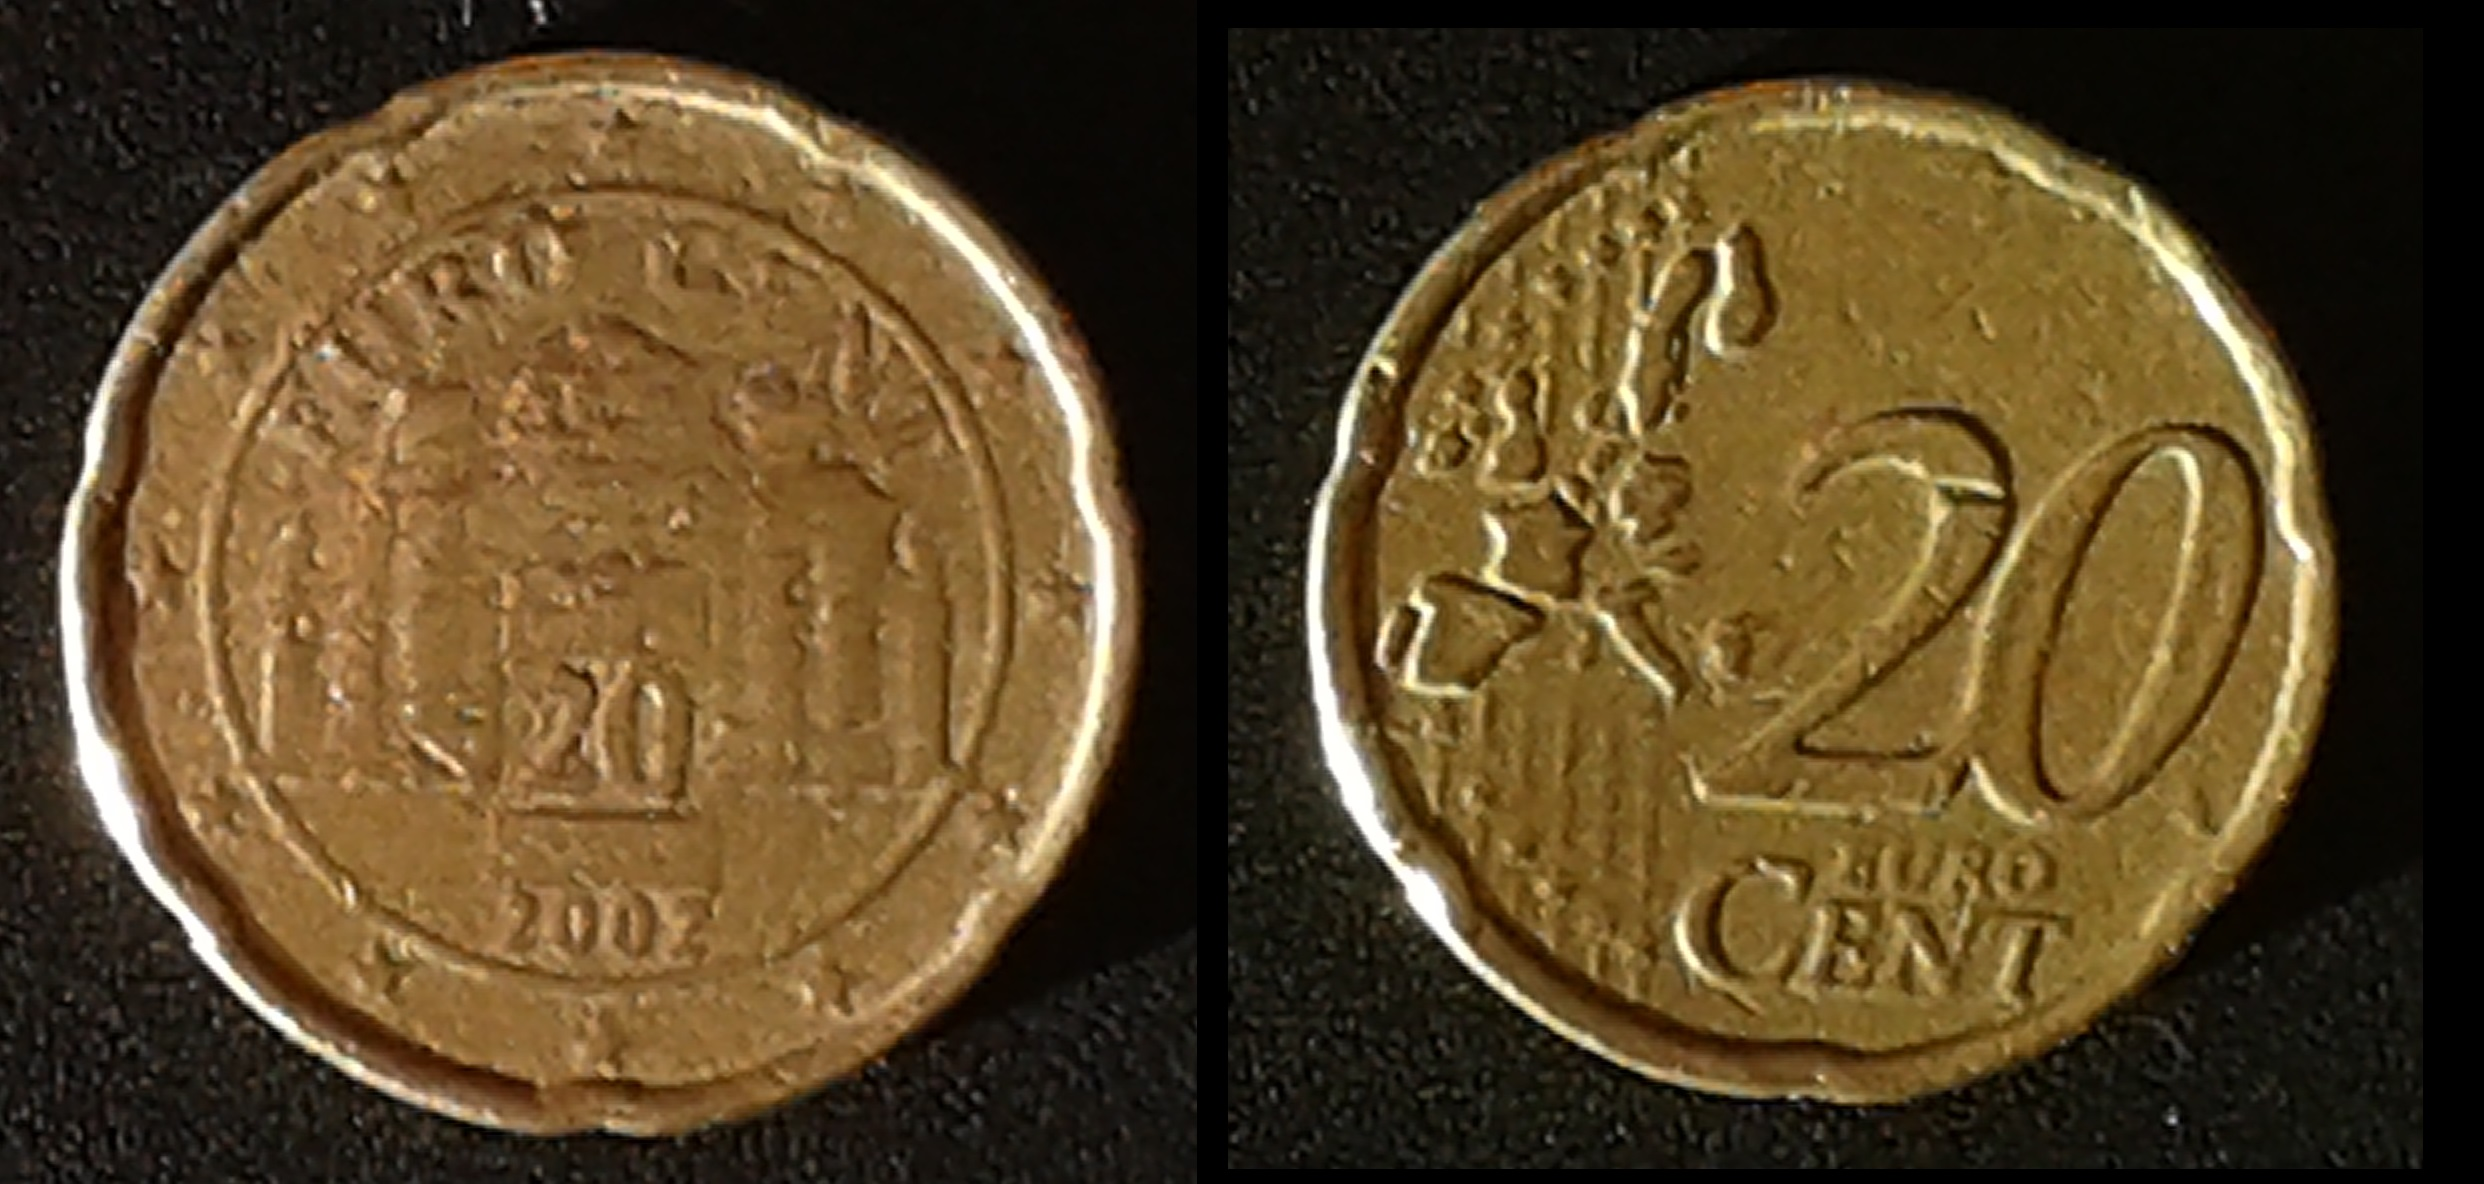 20 Cent österreich 2002